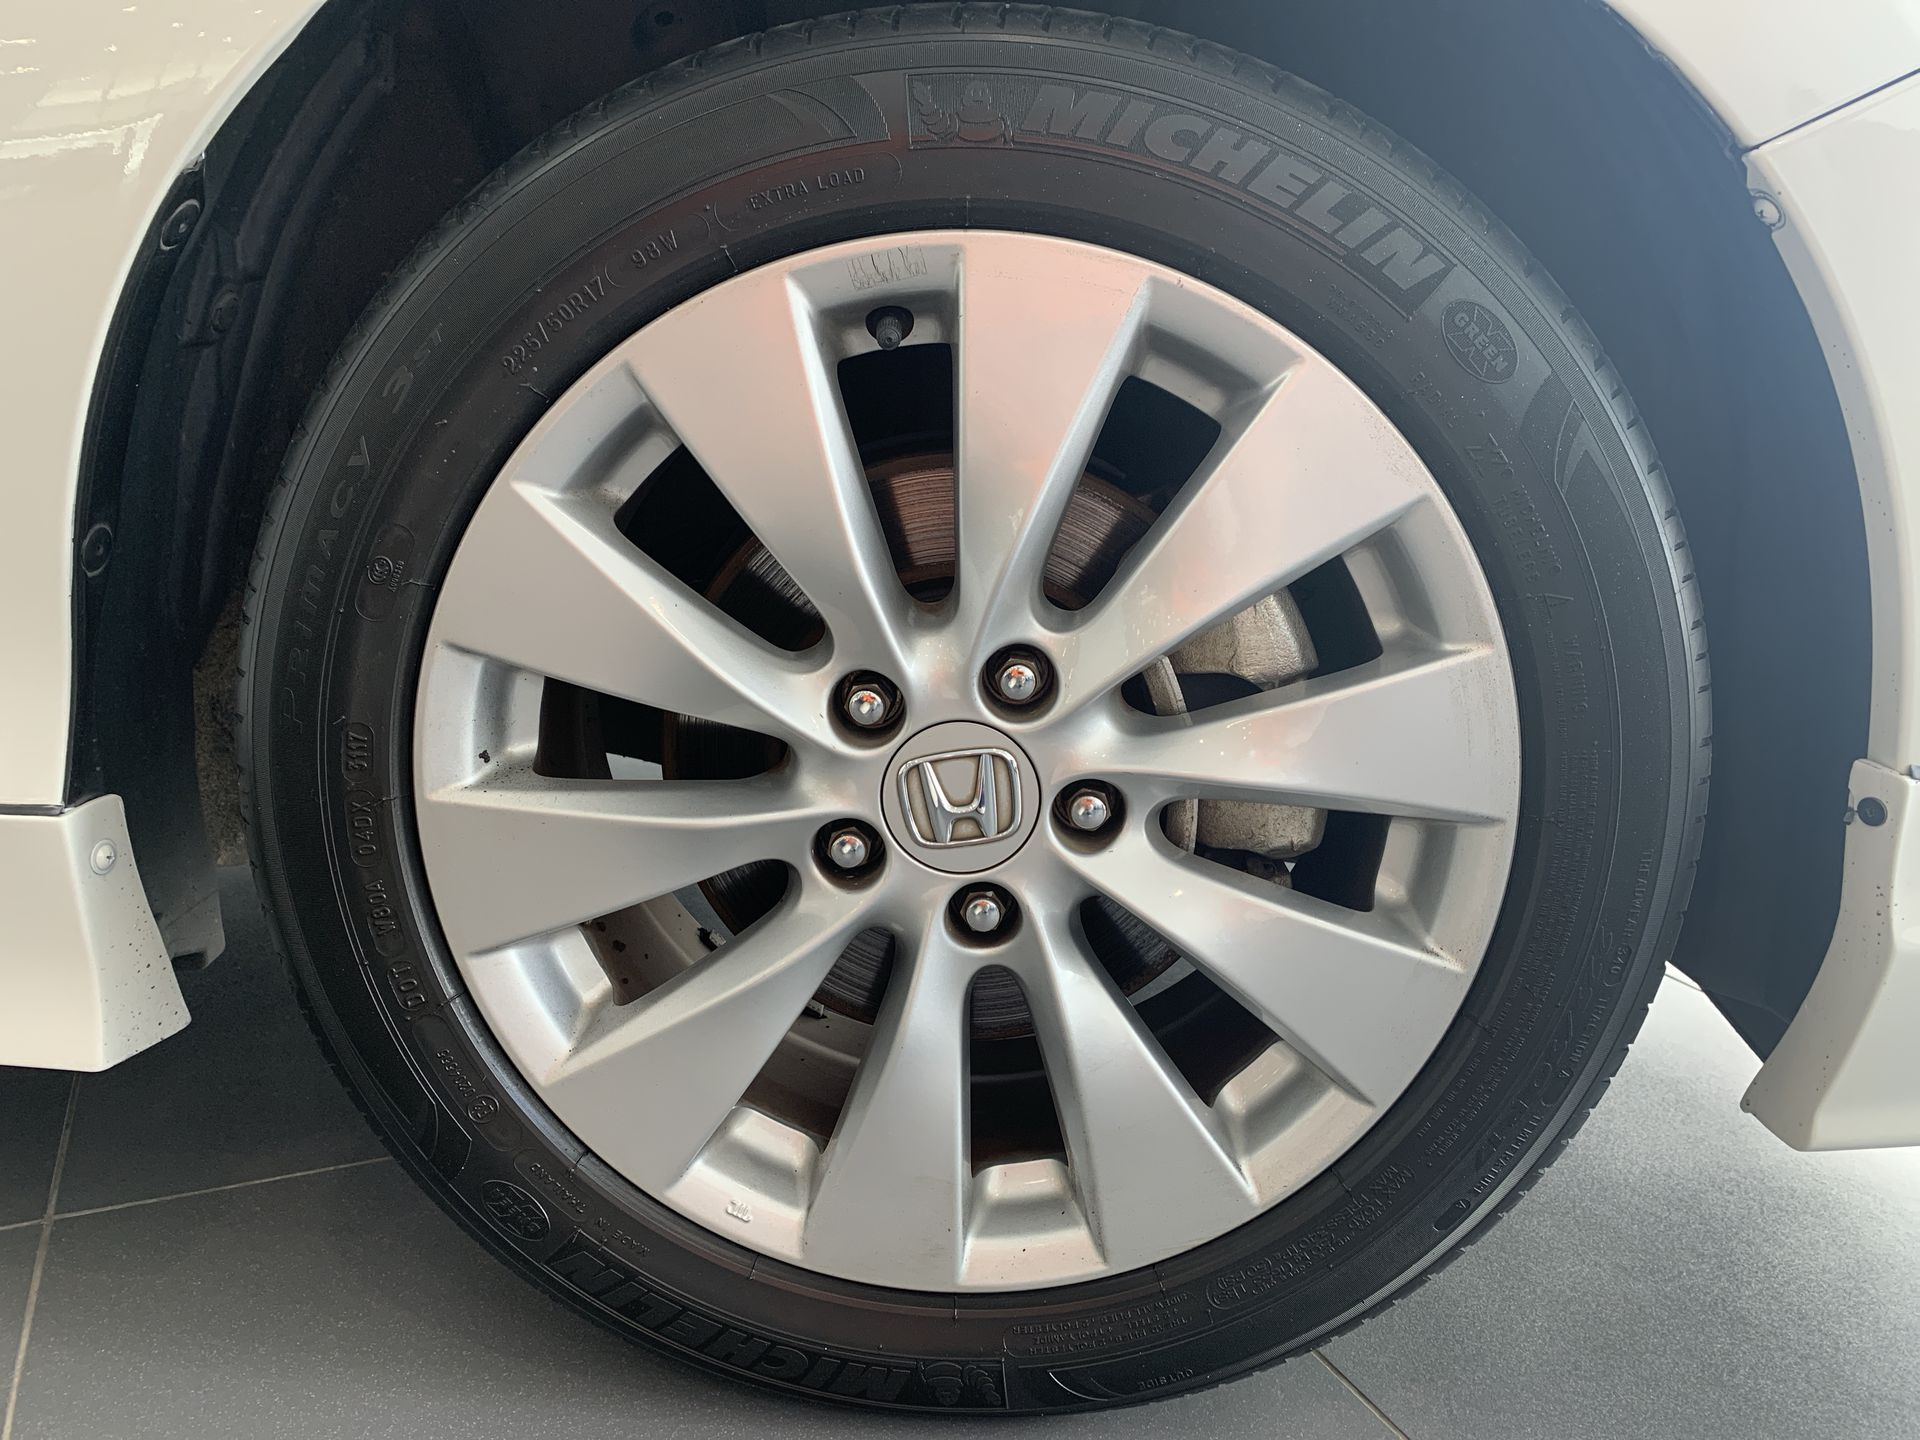 2016 Honda Accord 2.0L VTI-L (A)